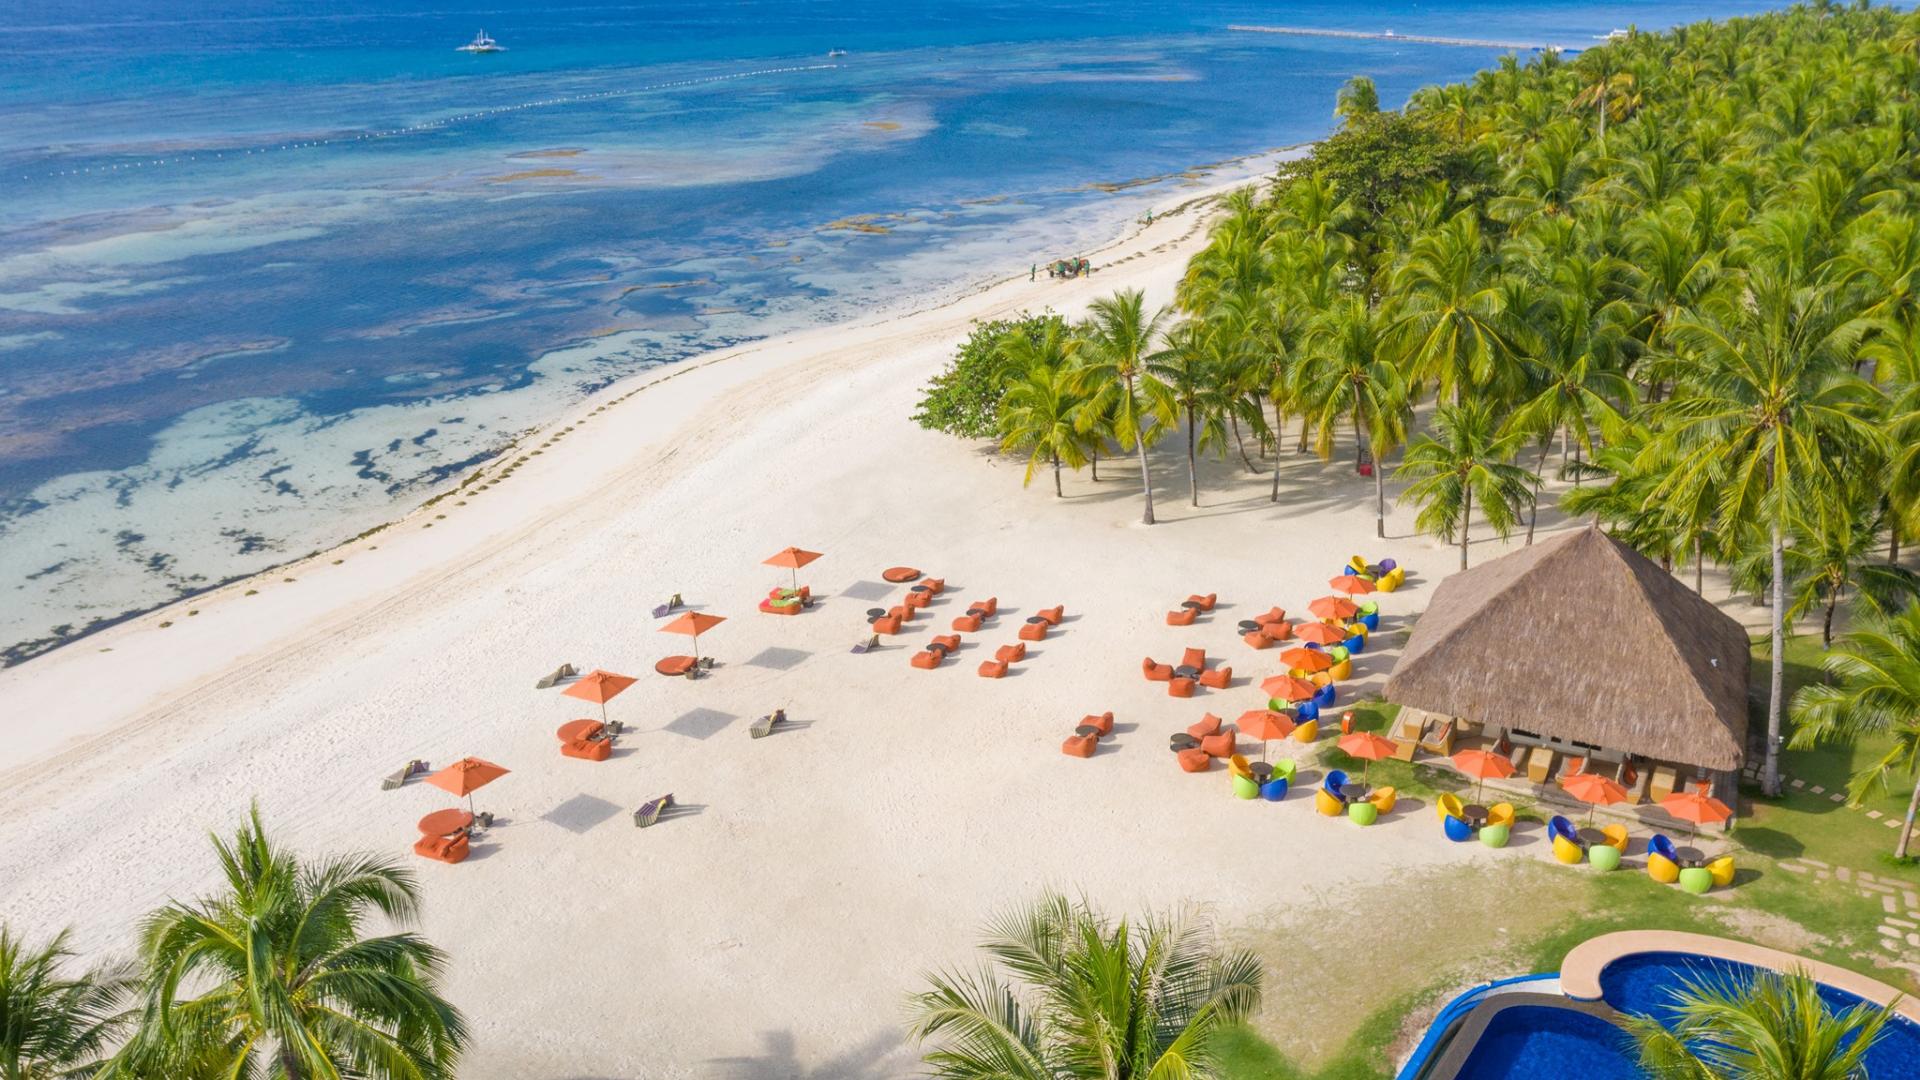 16 Best Beachfront Resorts in Bohol Island Philippines: Alona Beach, Panglao Beach, Anda Beach